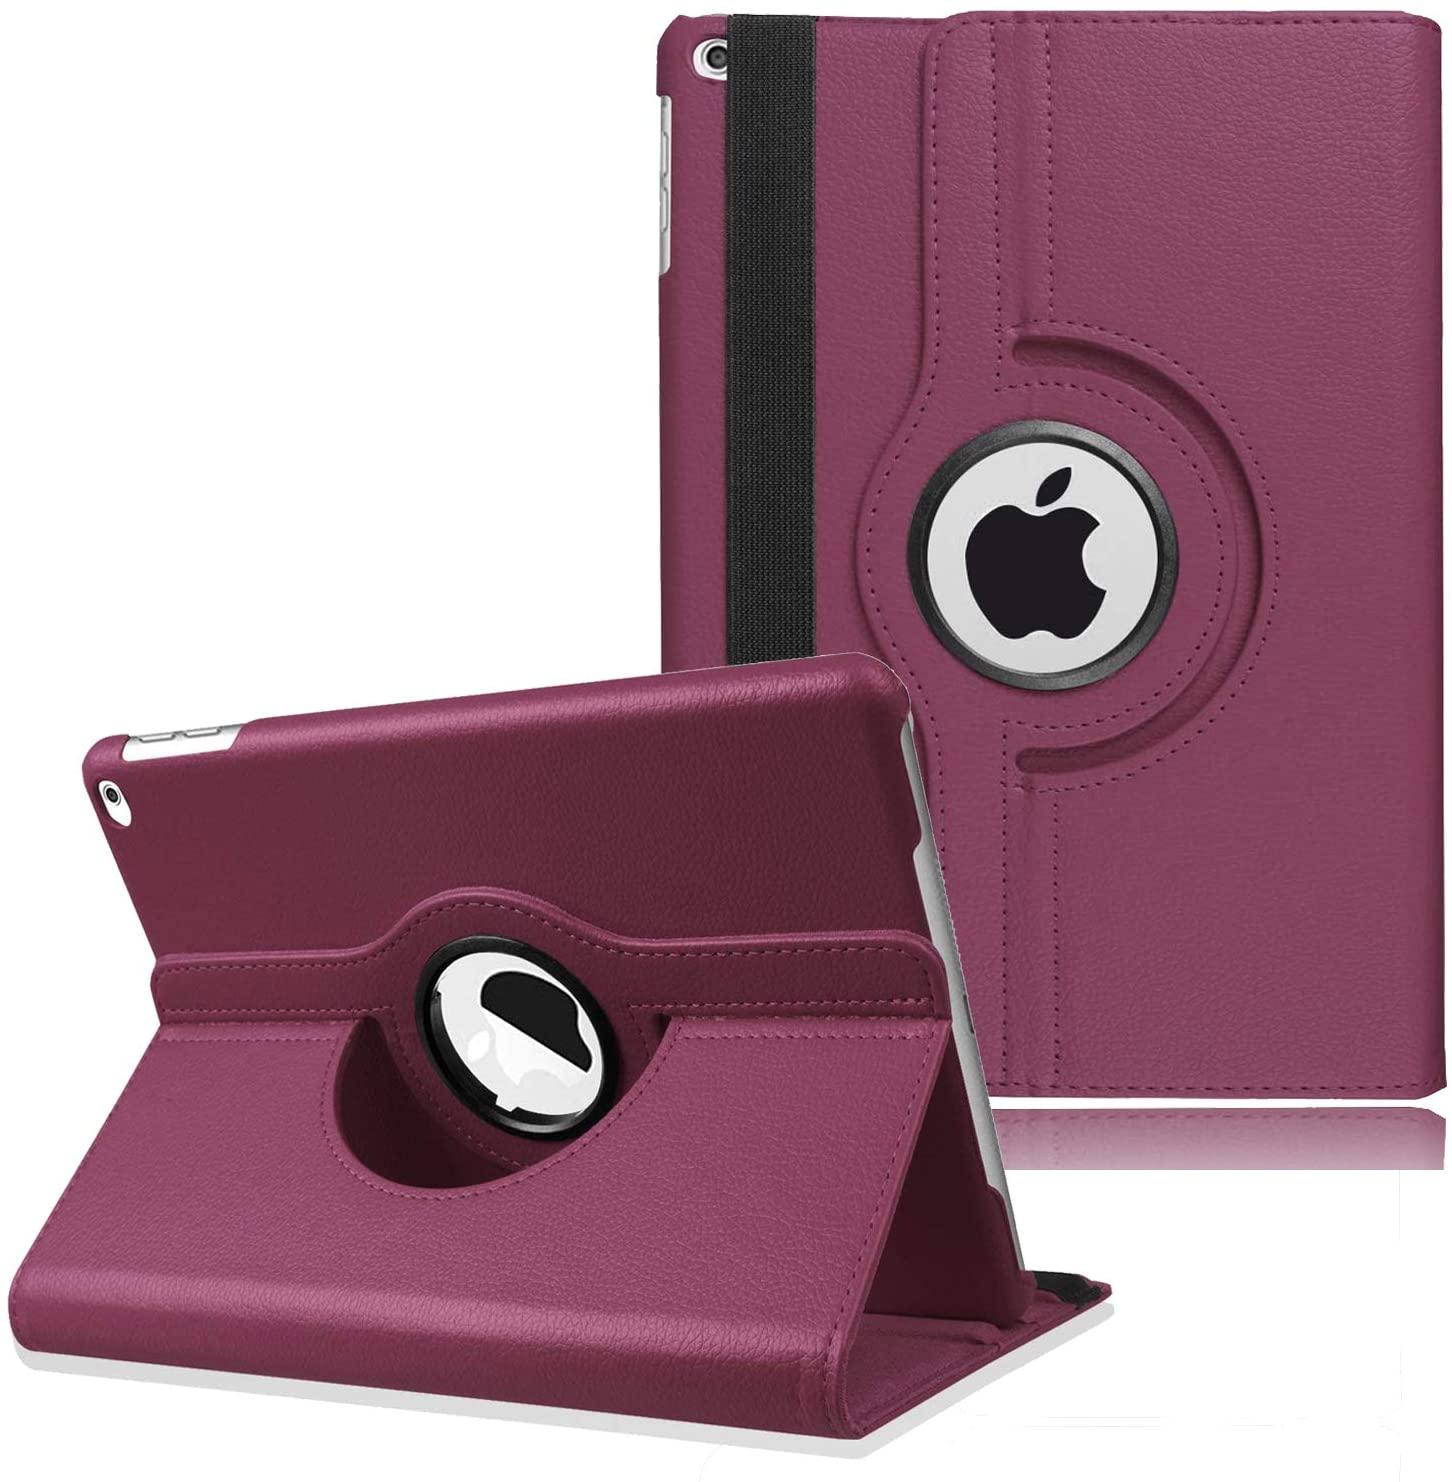 IPad aire caso de iPad 2 DE AIRE iPad 1 iPad 9,7,...